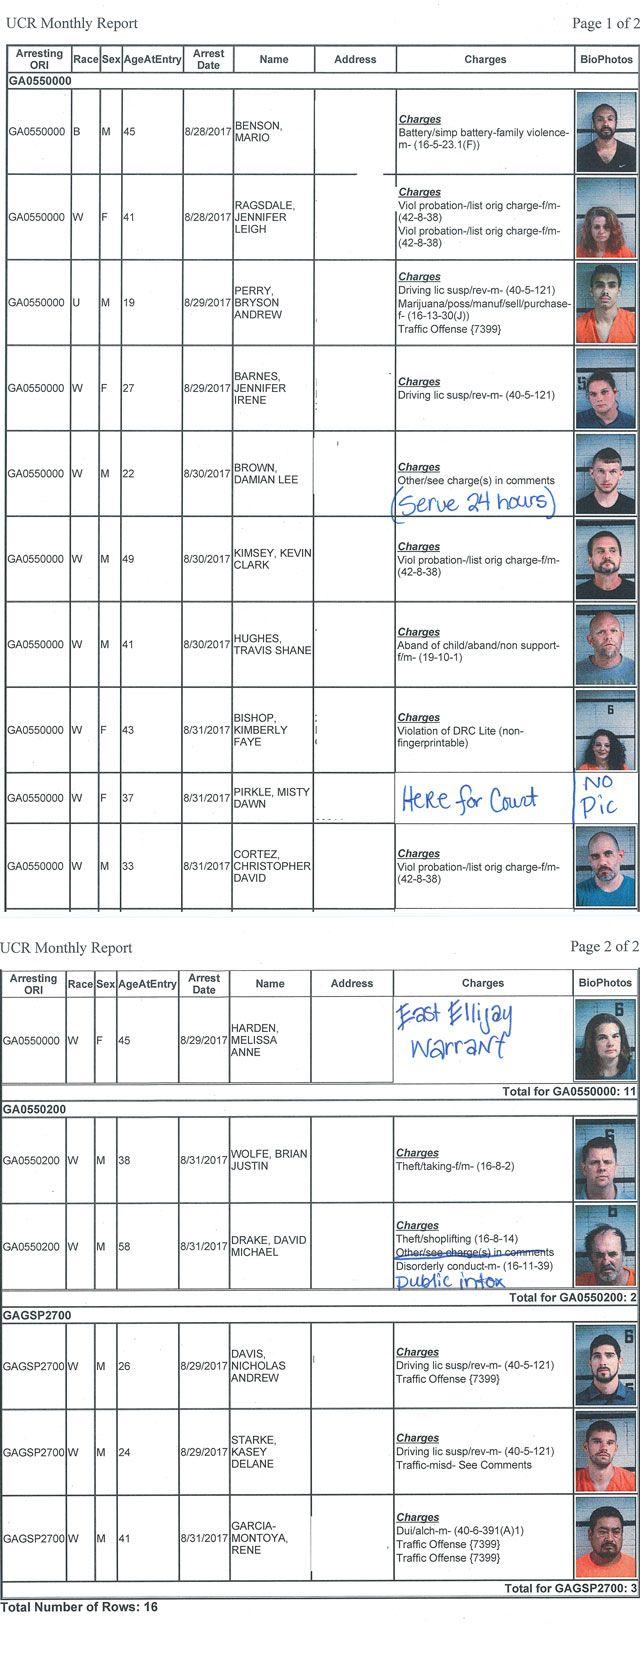 Fannin County Sheriff's Office Arrest Report 8/28 to 8/31 | Fannin